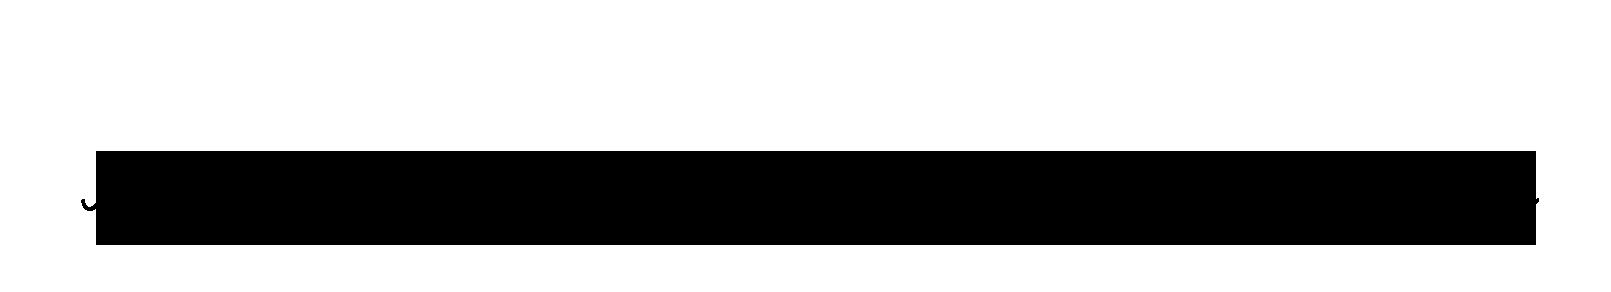 sbennett